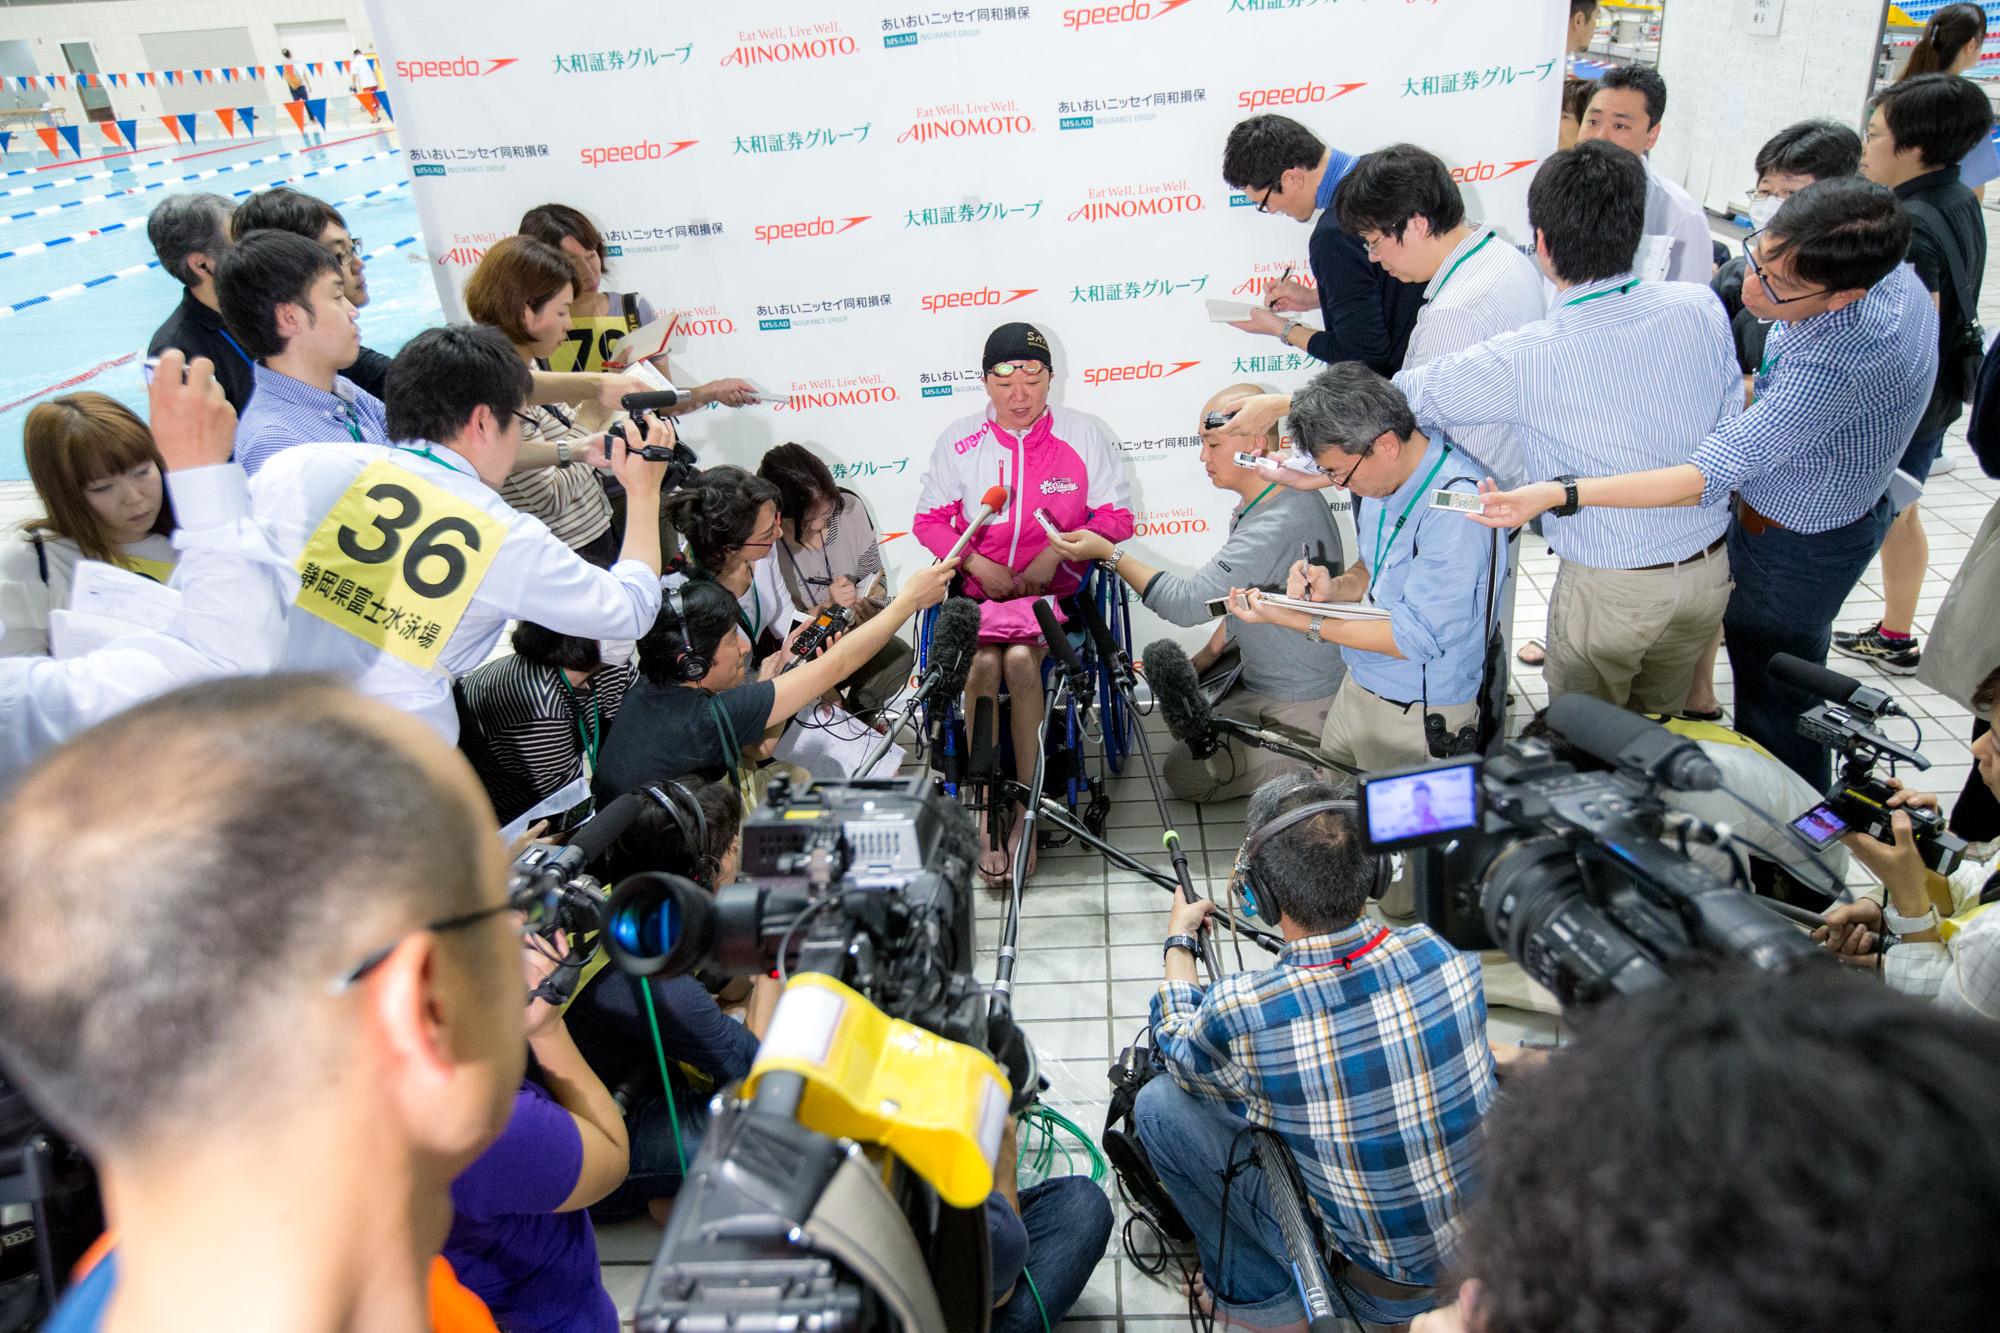 どこの大会でも成田に多くの報道陣がつめかける(撮影:越智貴雄)